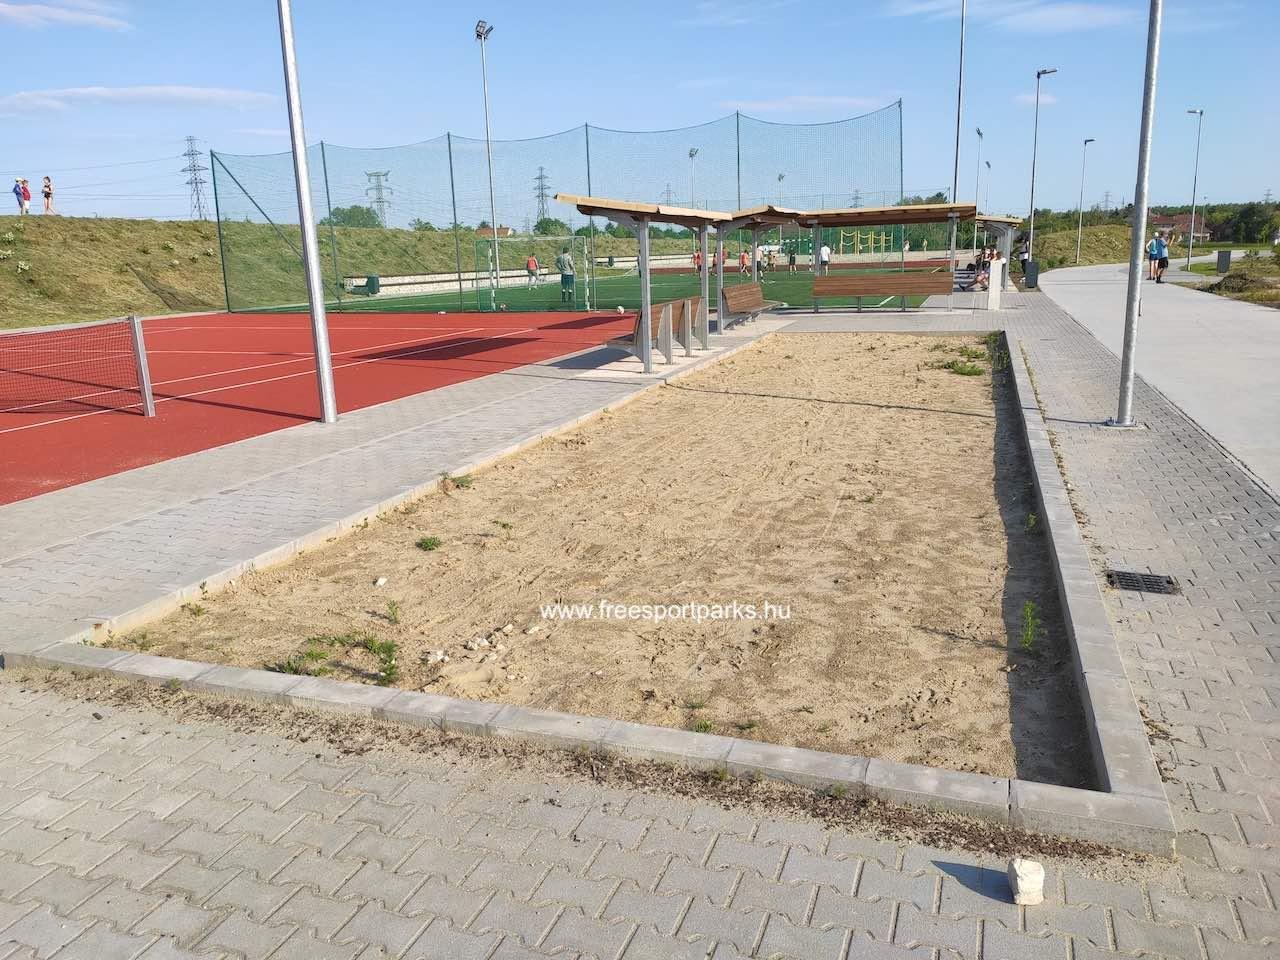 petanque pálya - Érd szabadidőpark - Free Sport Parks térkép